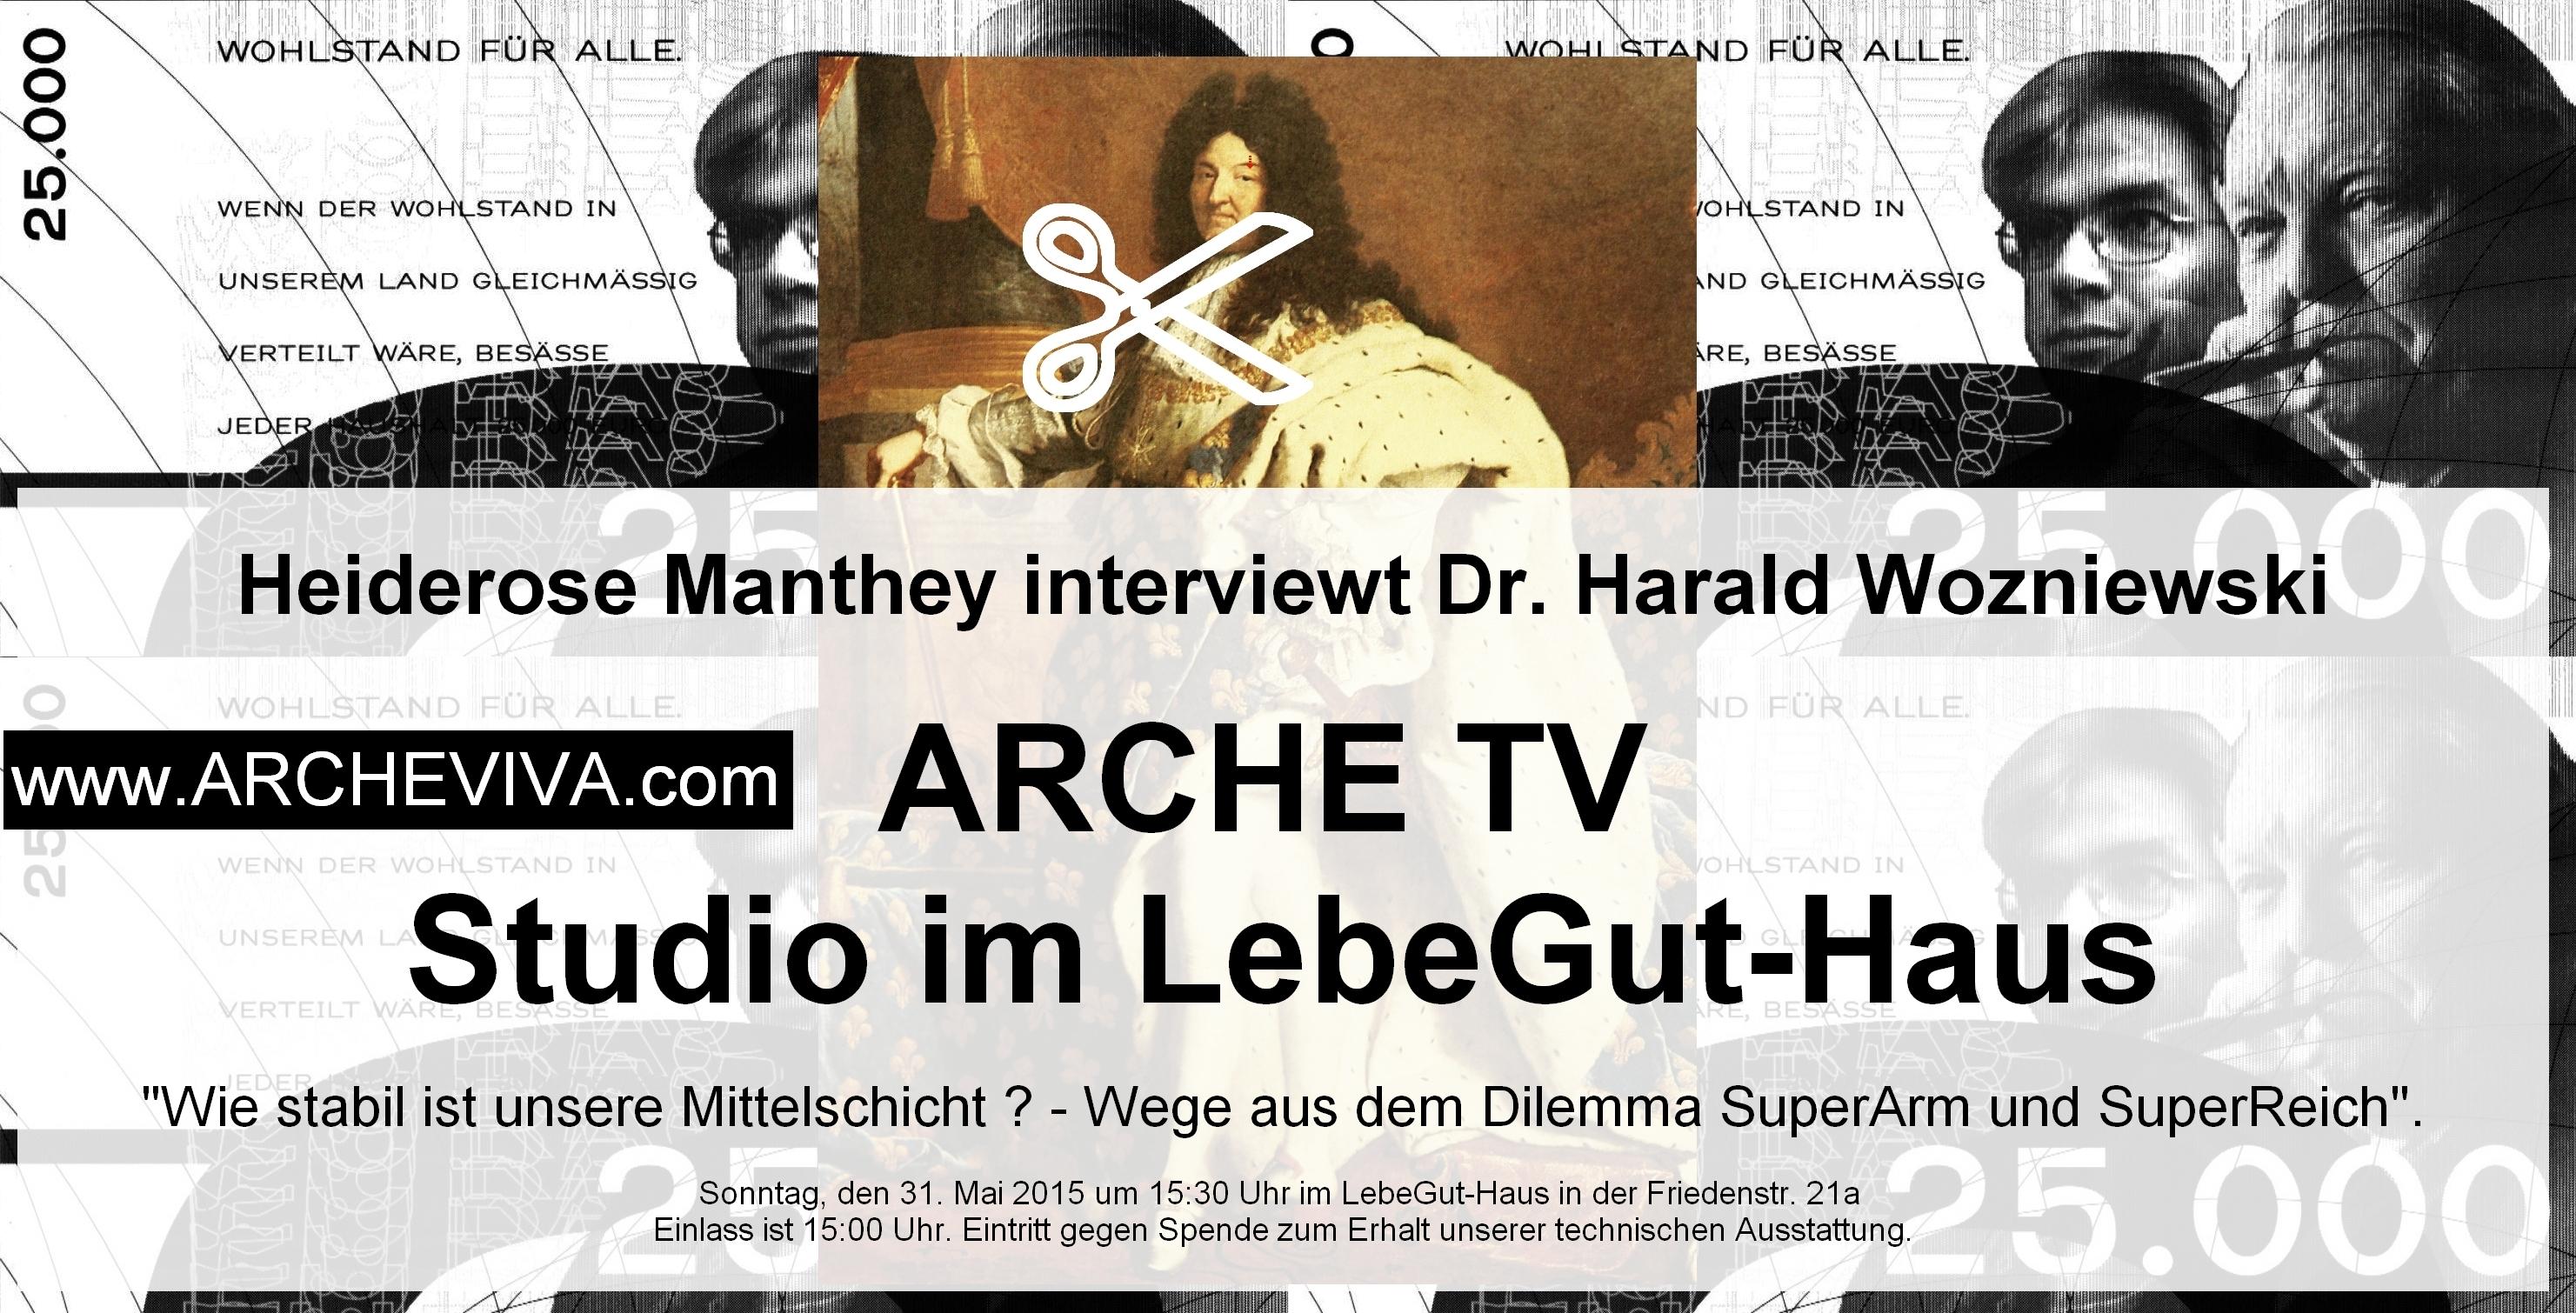 Live-Interview mit Dr. Harald Wozniewski im ARCHE TV - Studio im LebeGut-Haus.